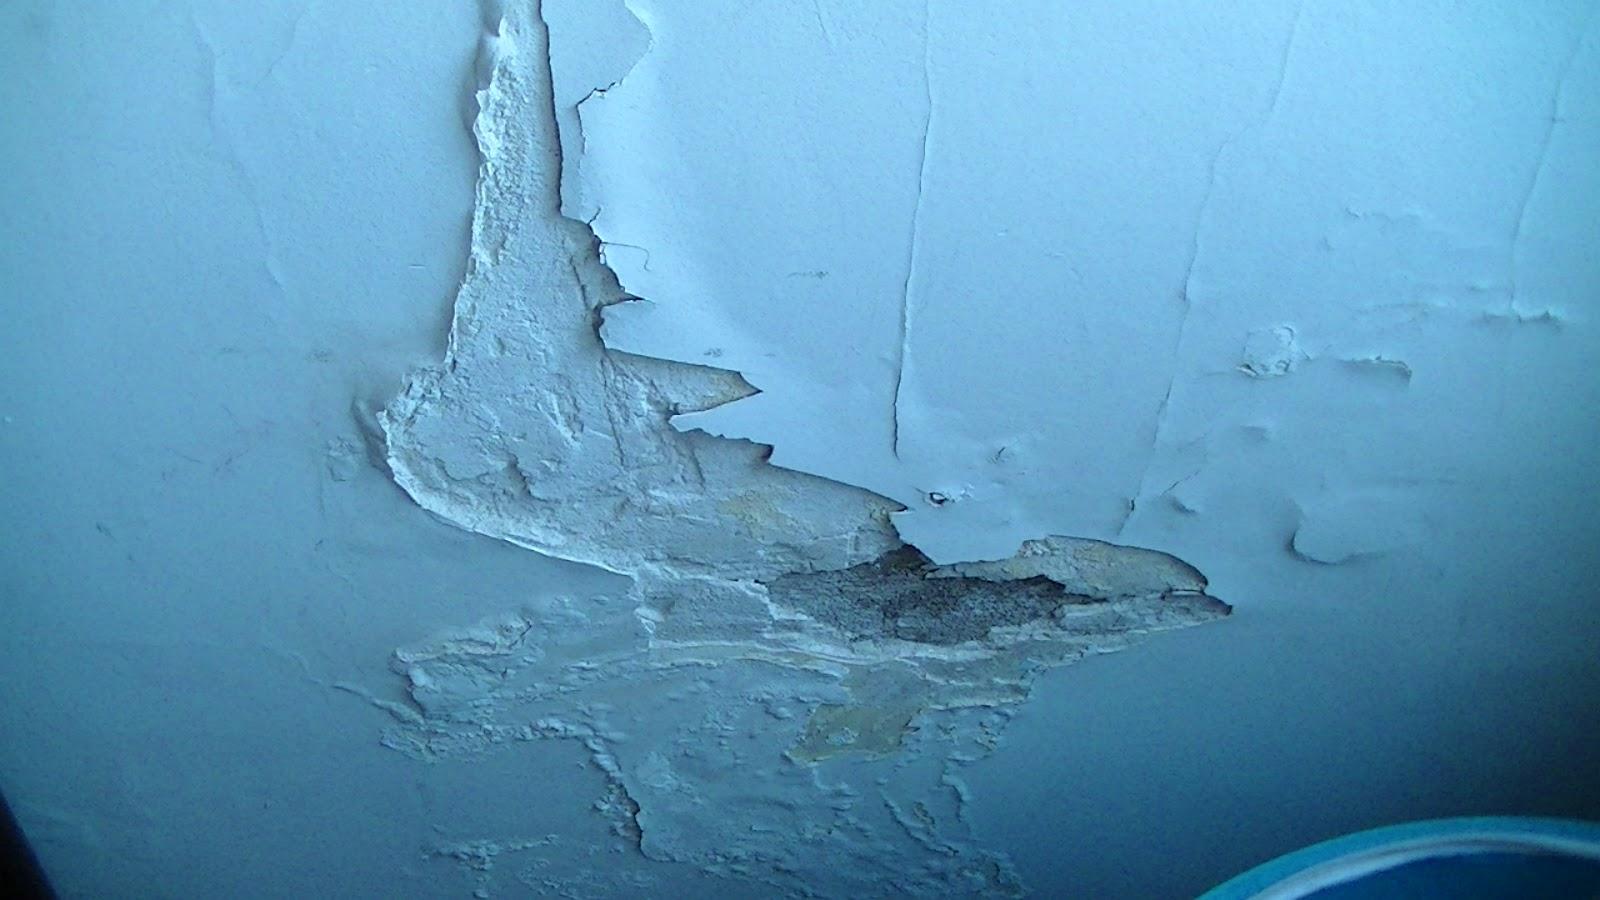 Sin picar ni romper paredes el problema de la humedad - Humedad por condensacion en paredes ...